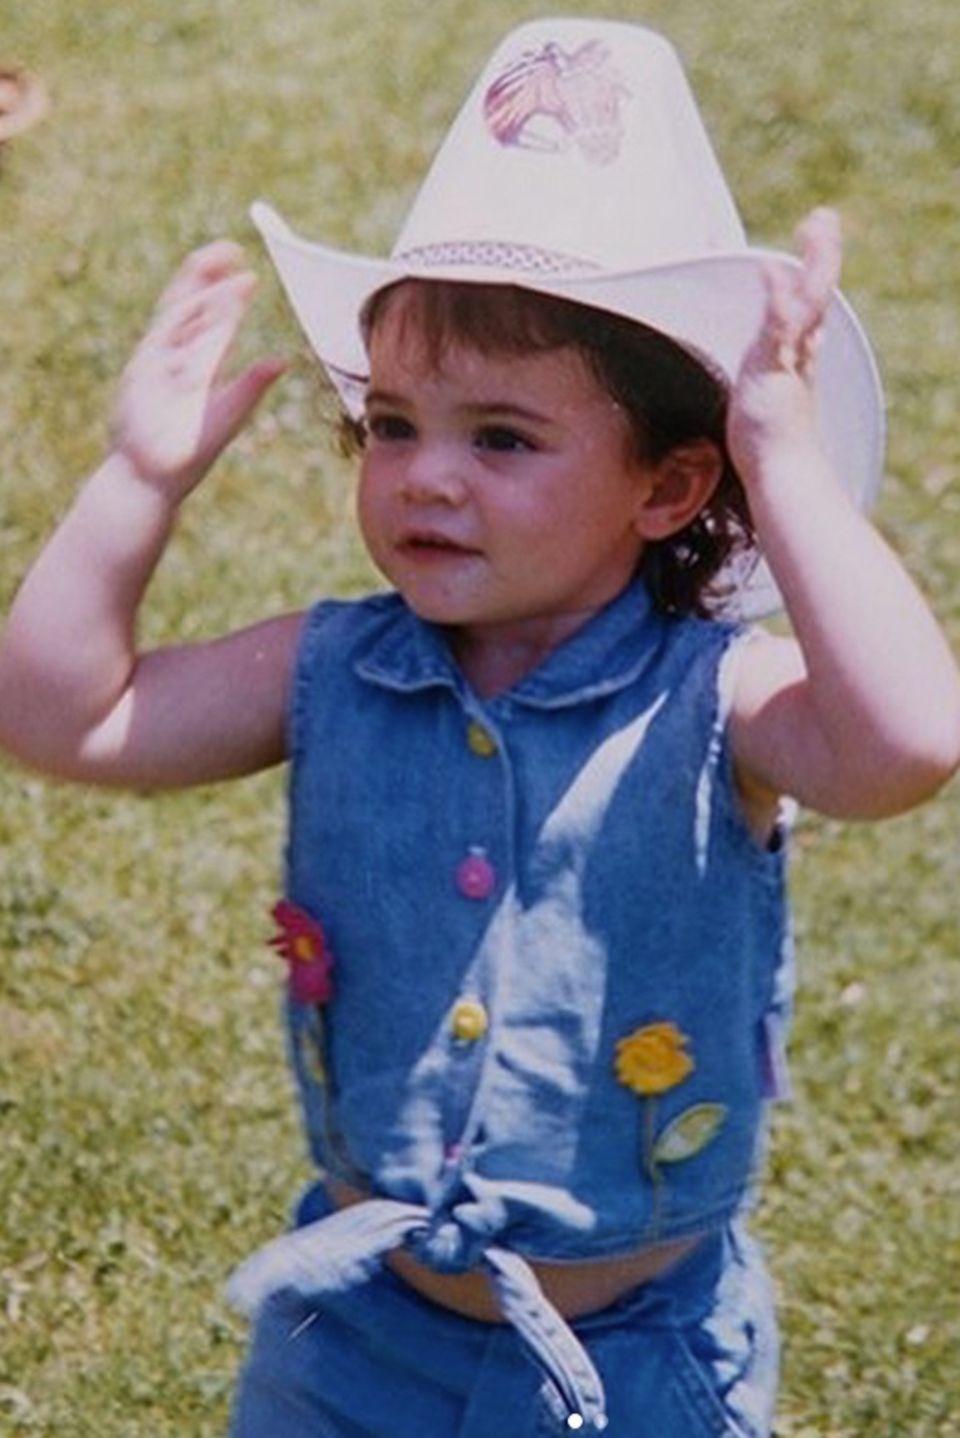 Kylie Jenner  Was für ein süßes Cowgirl posiert denn auf diesem Foto? Wären Sie drauf gekommen, dass es der heutige Reality-Star Kylie Jenner ist?